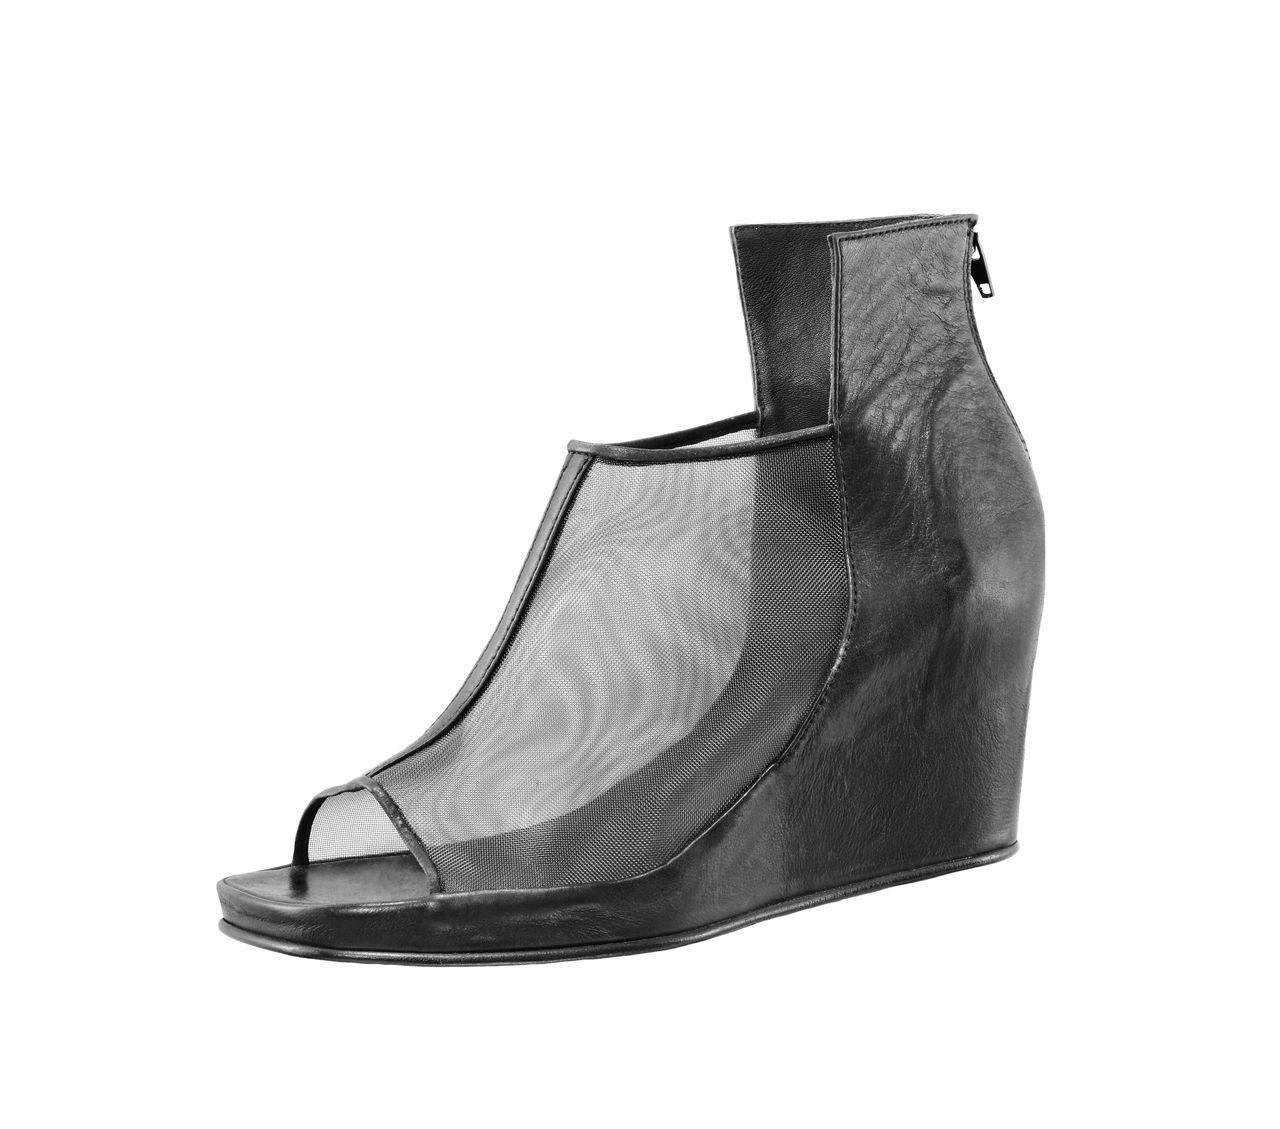 CHAUSSURES - Chaussures à lacetsAnnette Görtz k3CsLxwZaI